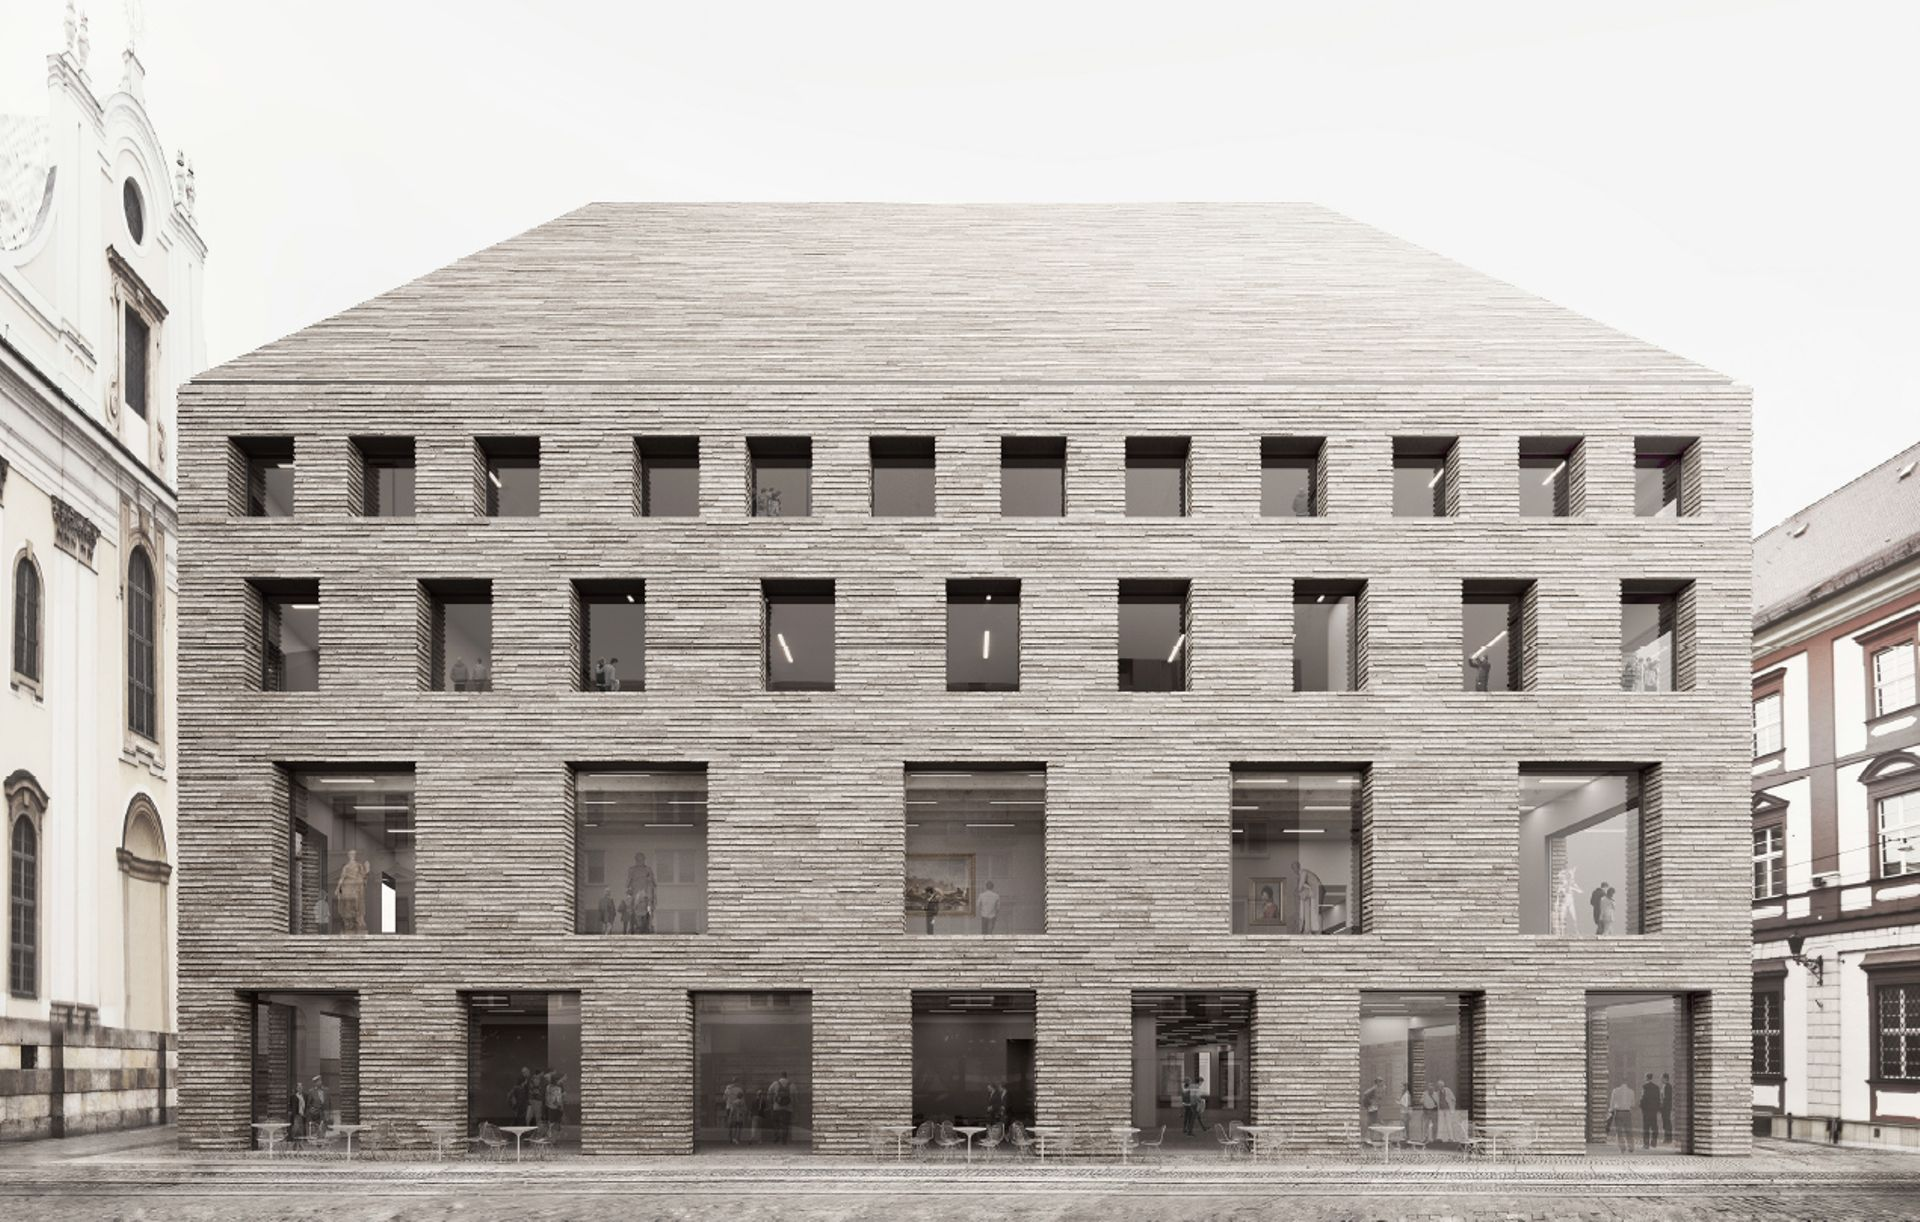 Wrocław: Ruszyły prace nad projektem Muzeum Książąt Lubomirskich. Powstanie później, niż zakładano